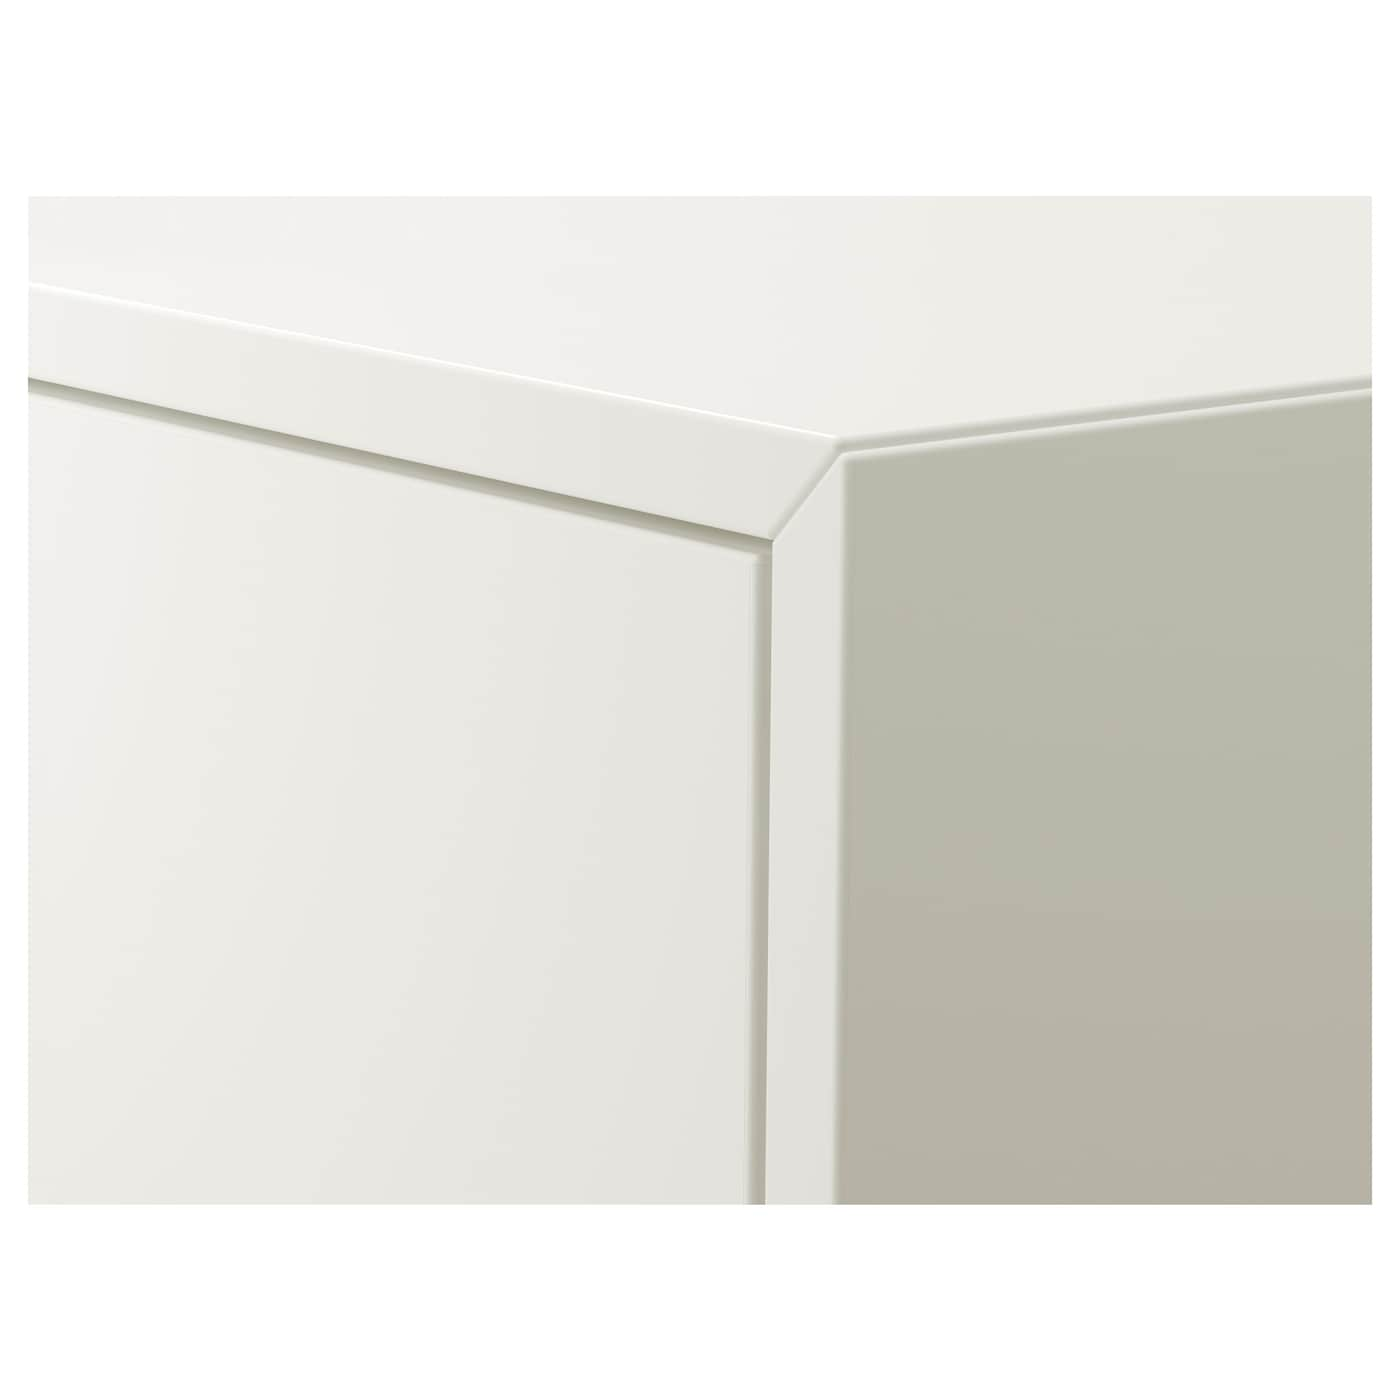 EKET Kubo-apalategia, zuria, 105x35x120 cm